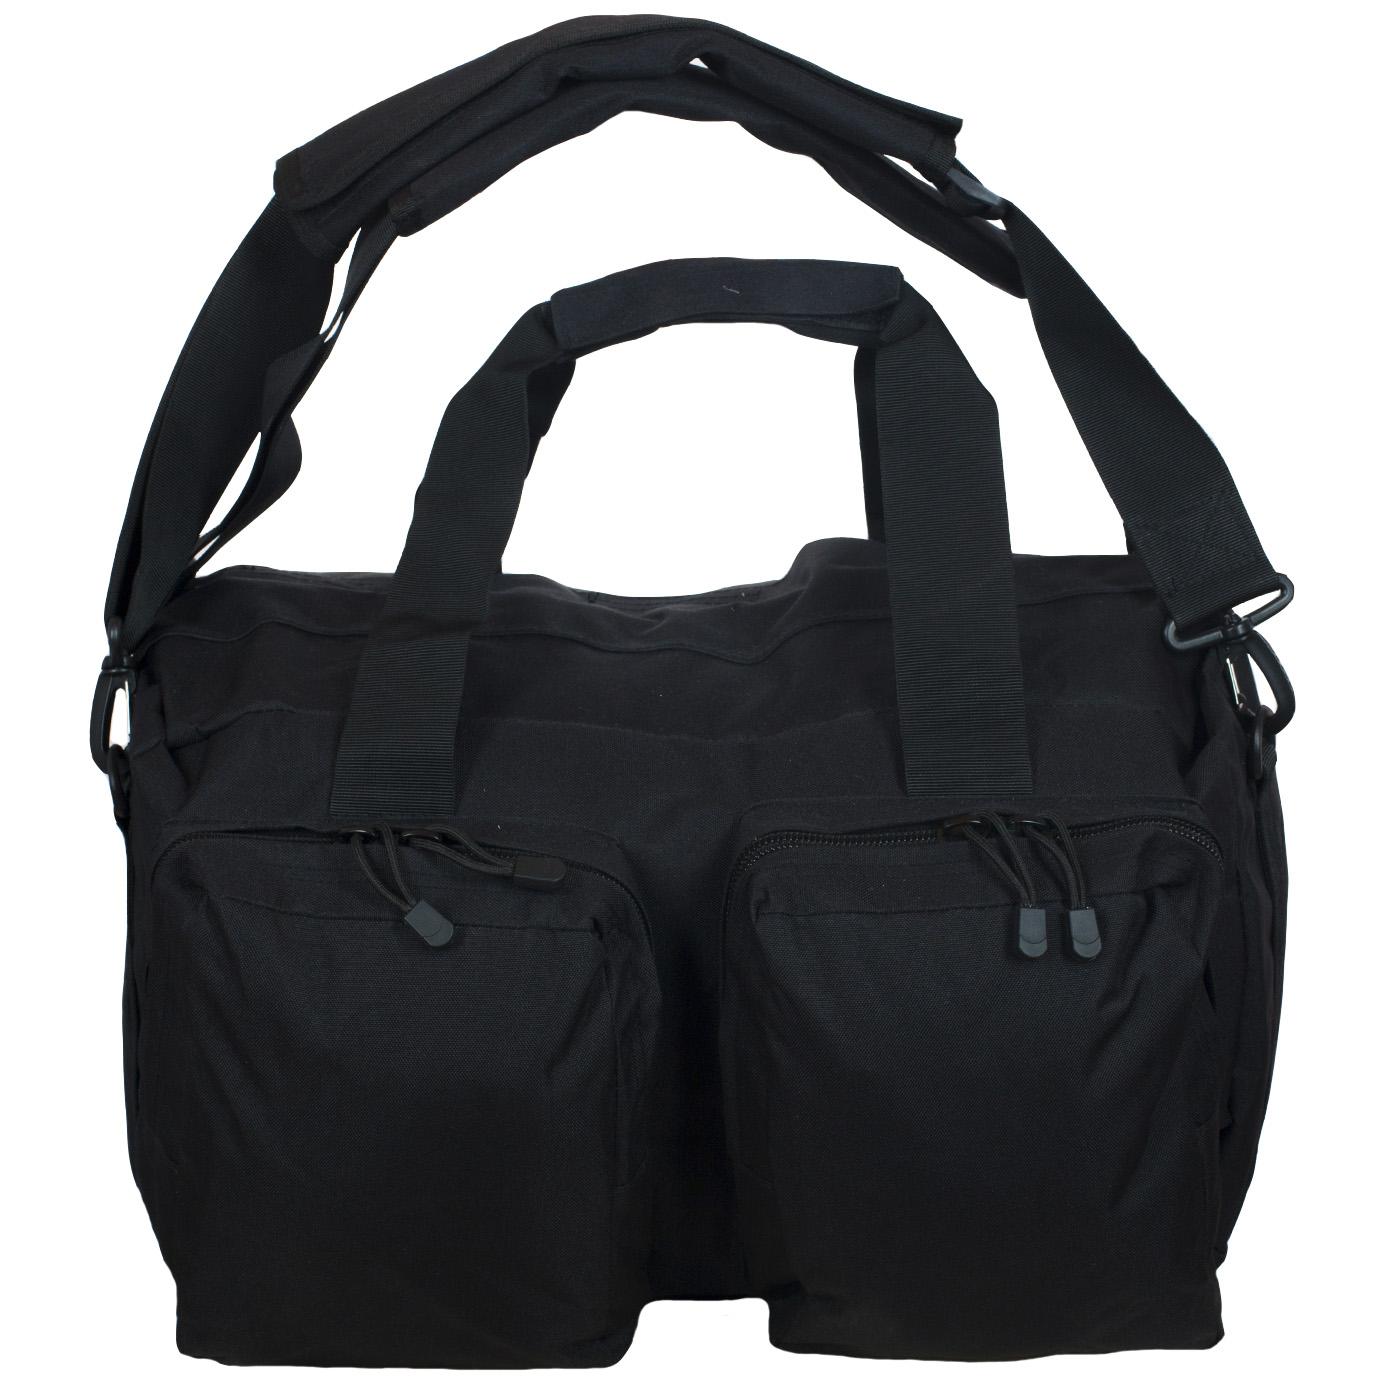 Мужская дорожная сумка   Купить дорожную сумку онлайн d2fb5035f71